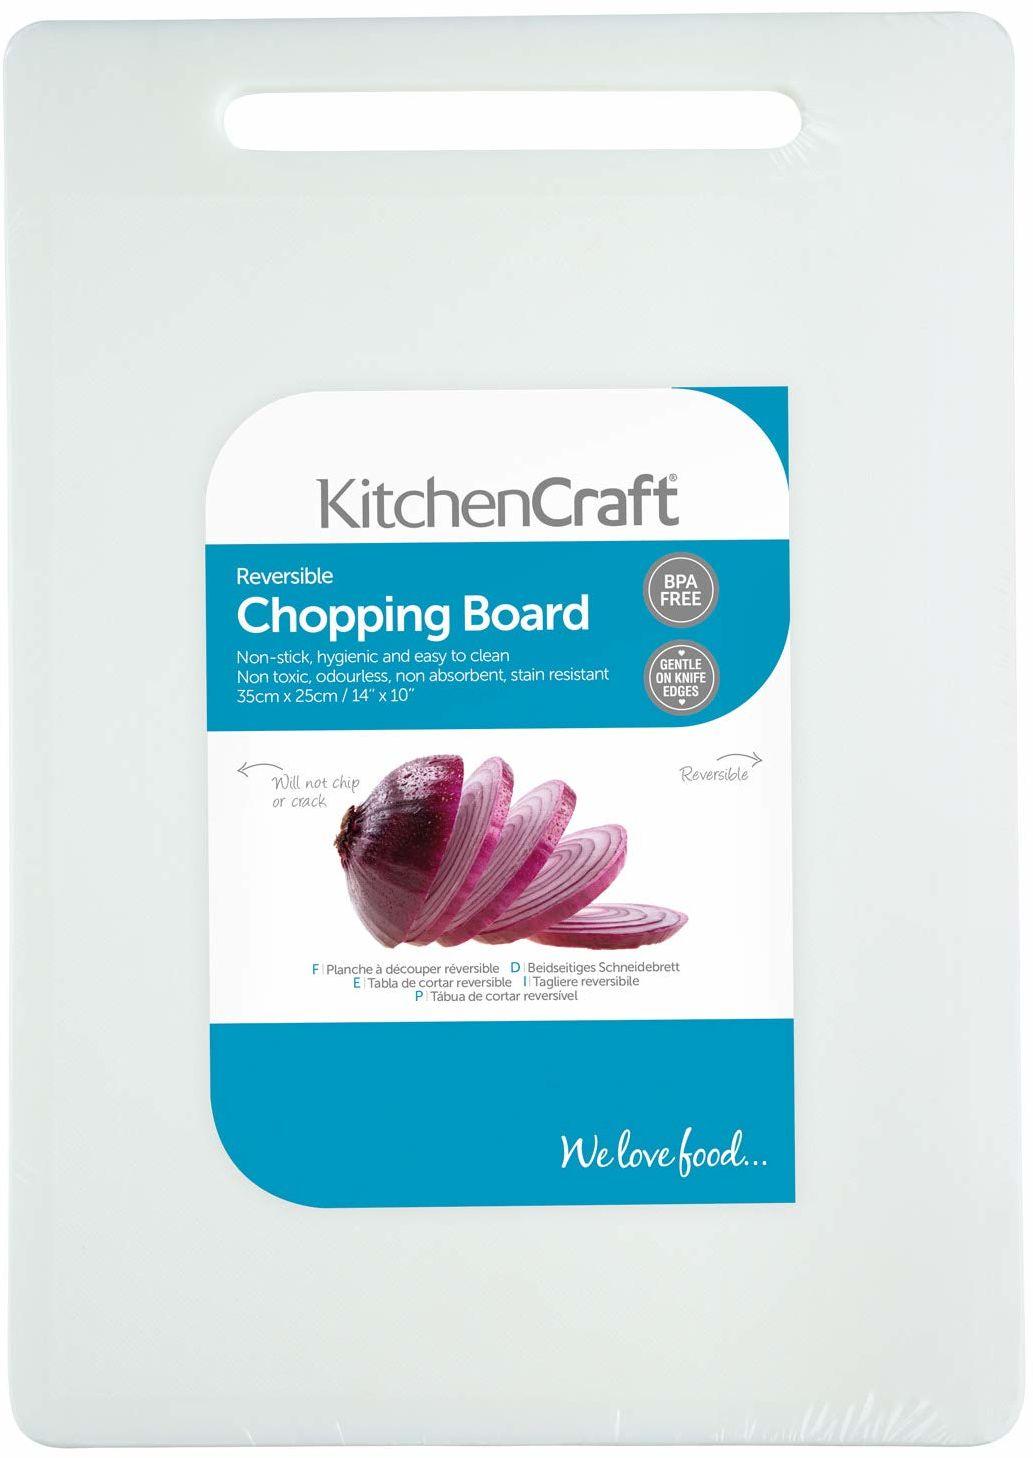 KitchenCraft duża nietoksyczna plastikowa deska do krojenia 35 x 25 cm (14 x 10 cali) - biała